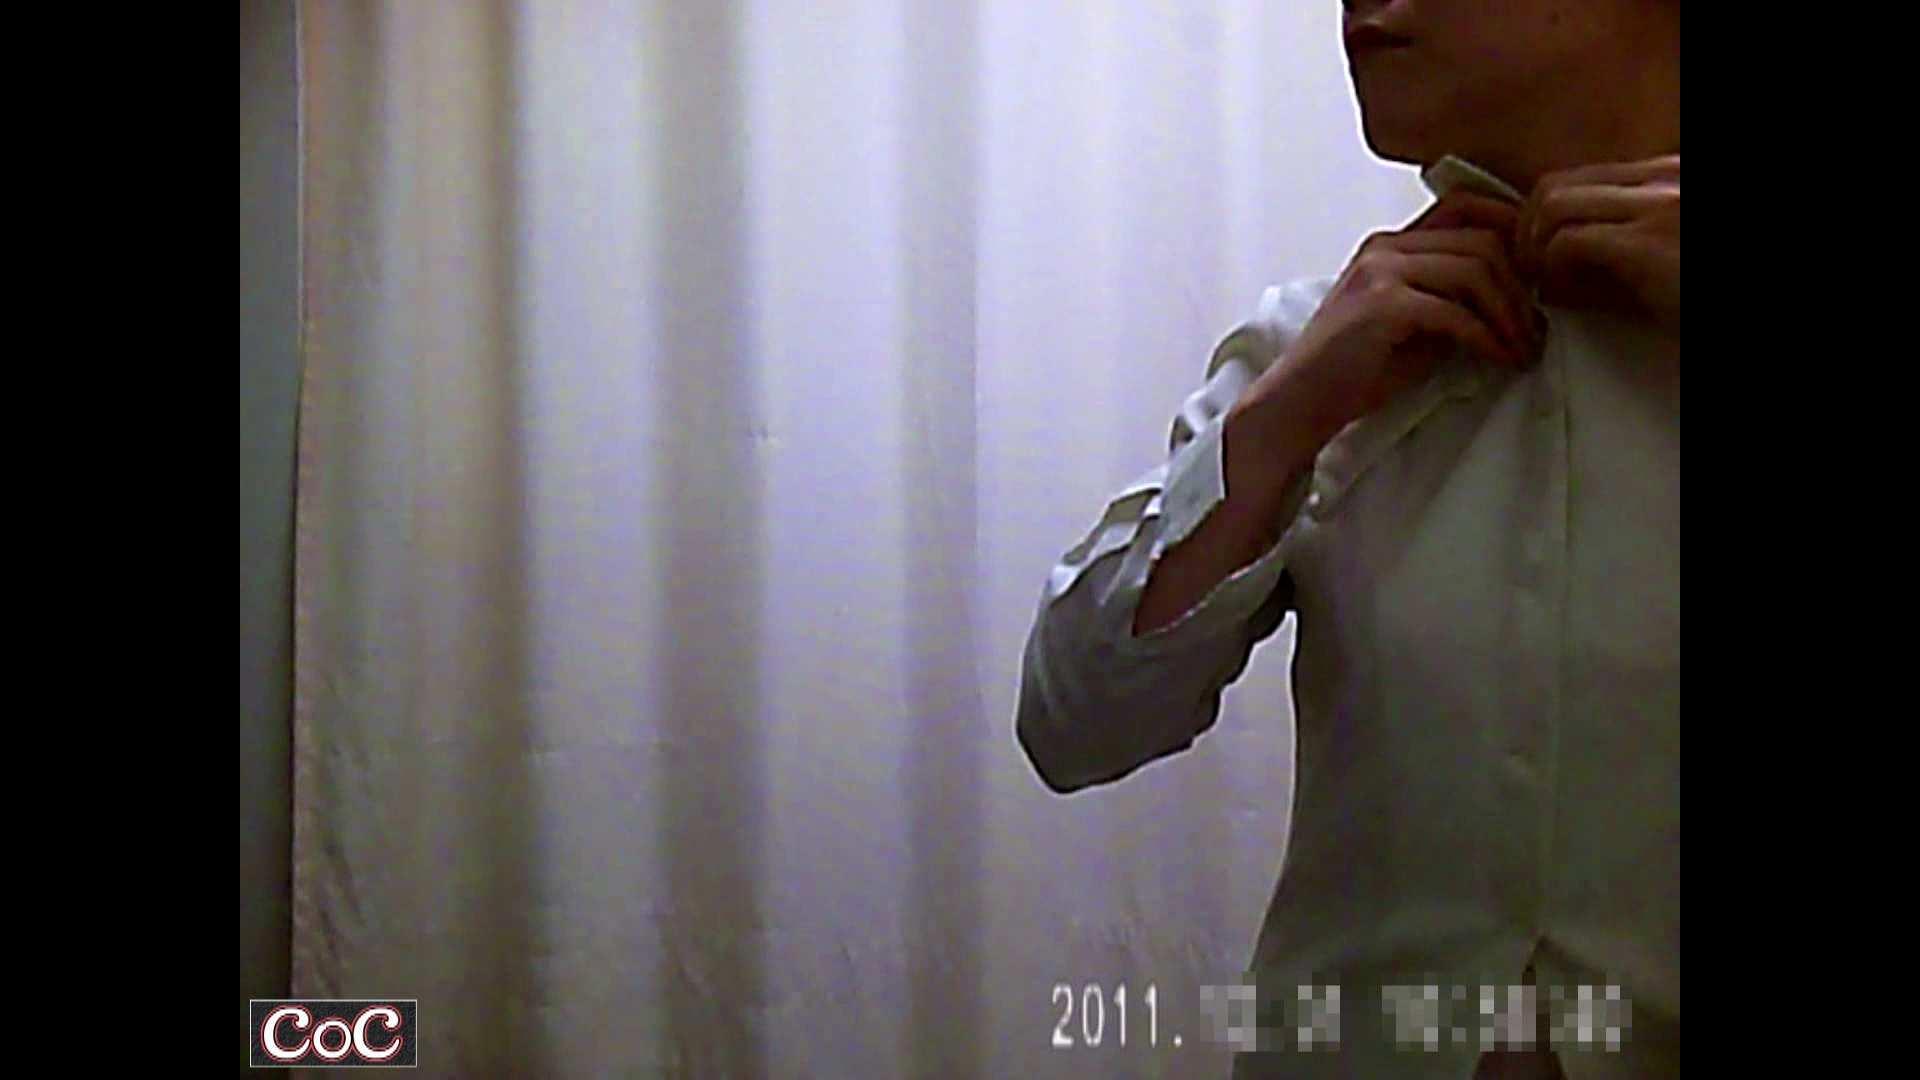 元医者による反抗 更衣室地獄絵巻 vol.189 OL  88pic 47